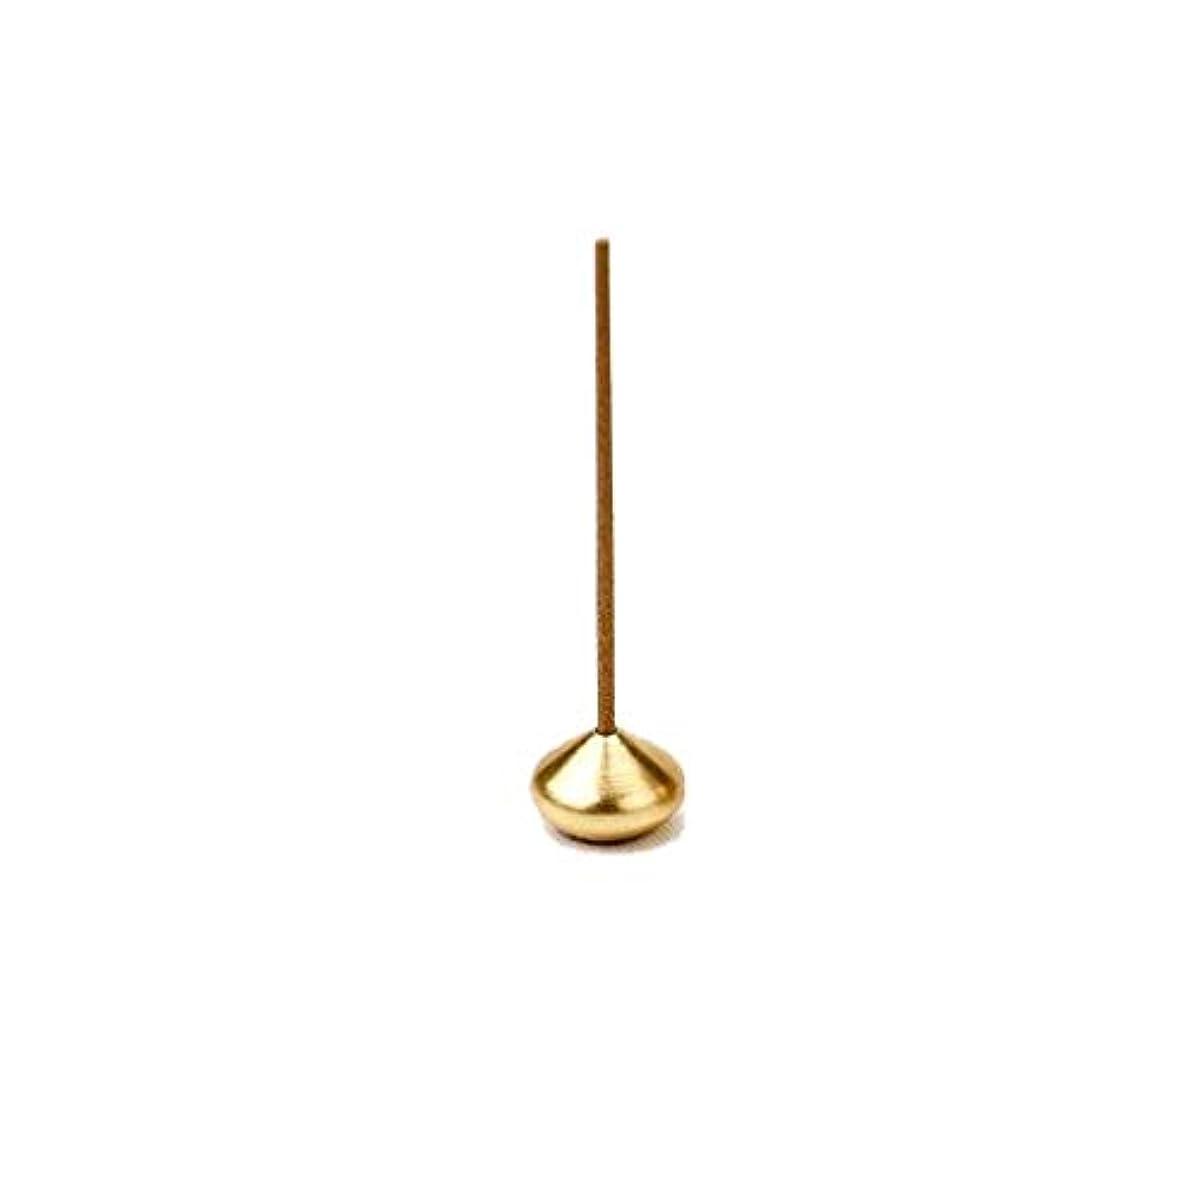 警察胴体振りかける銅香炉ラウンドひょうたん型香スティックコイルボトルバーナーホルダー多孔性香ホルダーホームフレグランス (Color : B)